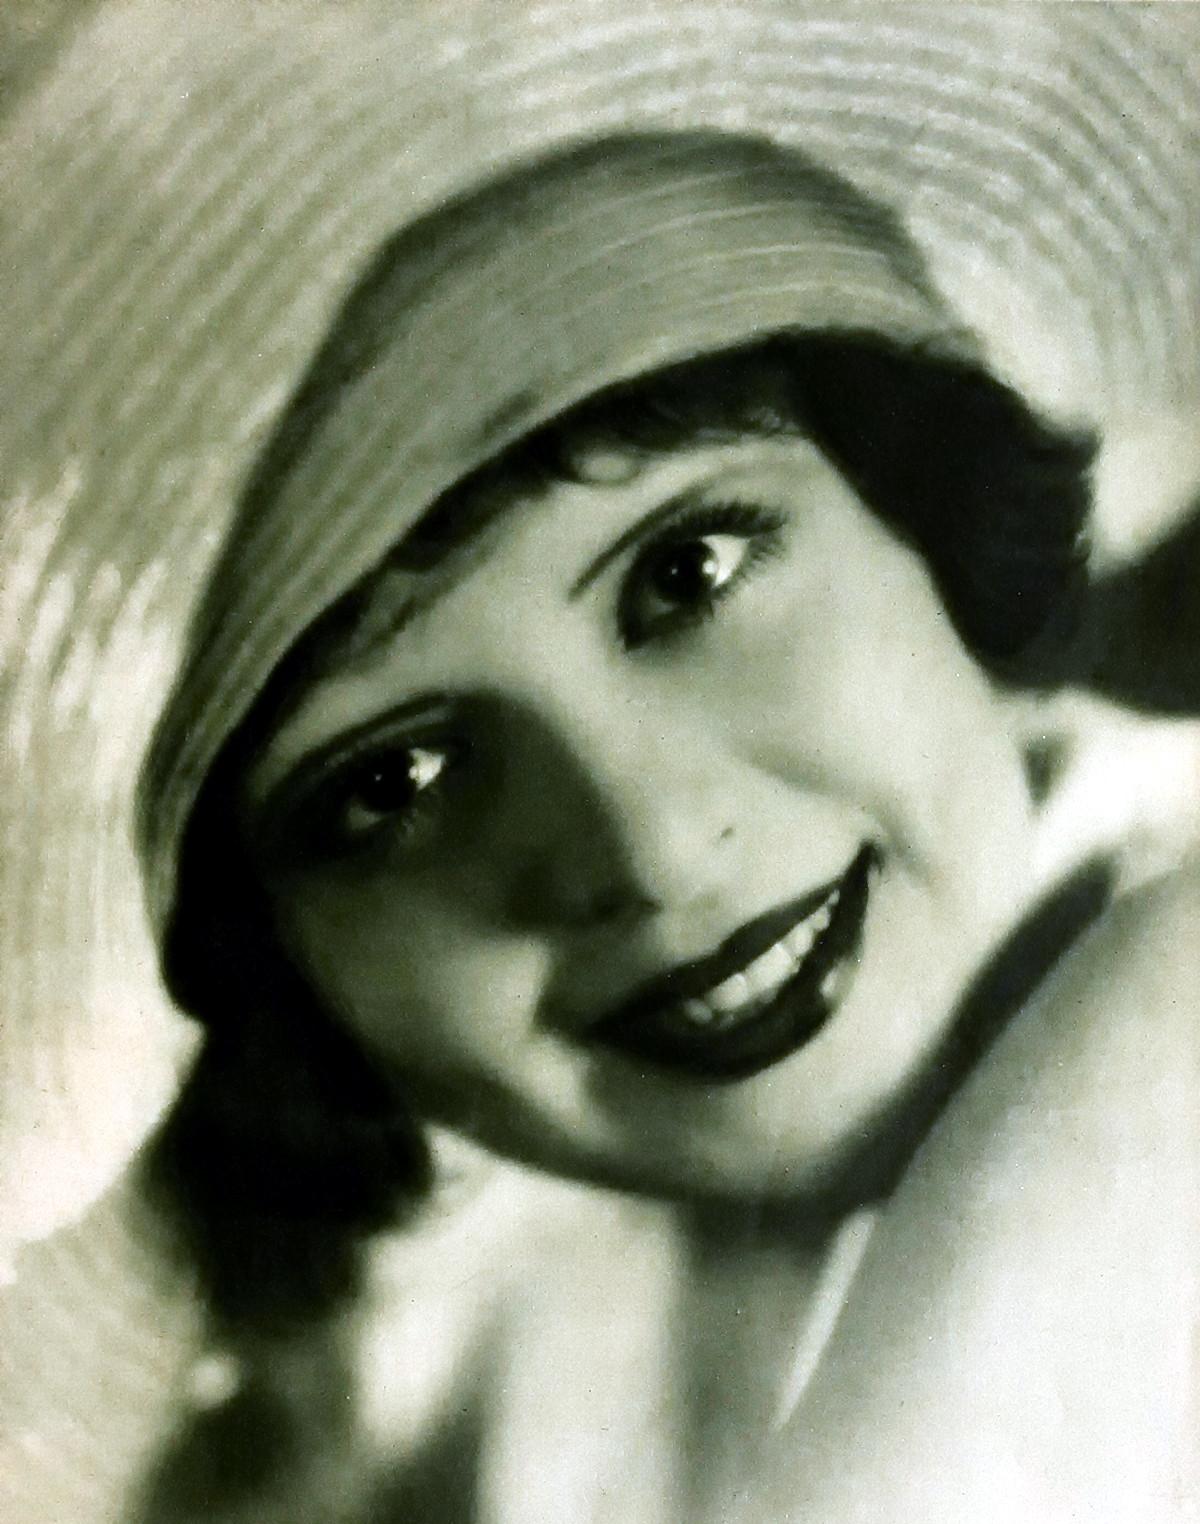 Clara Bow, 1928